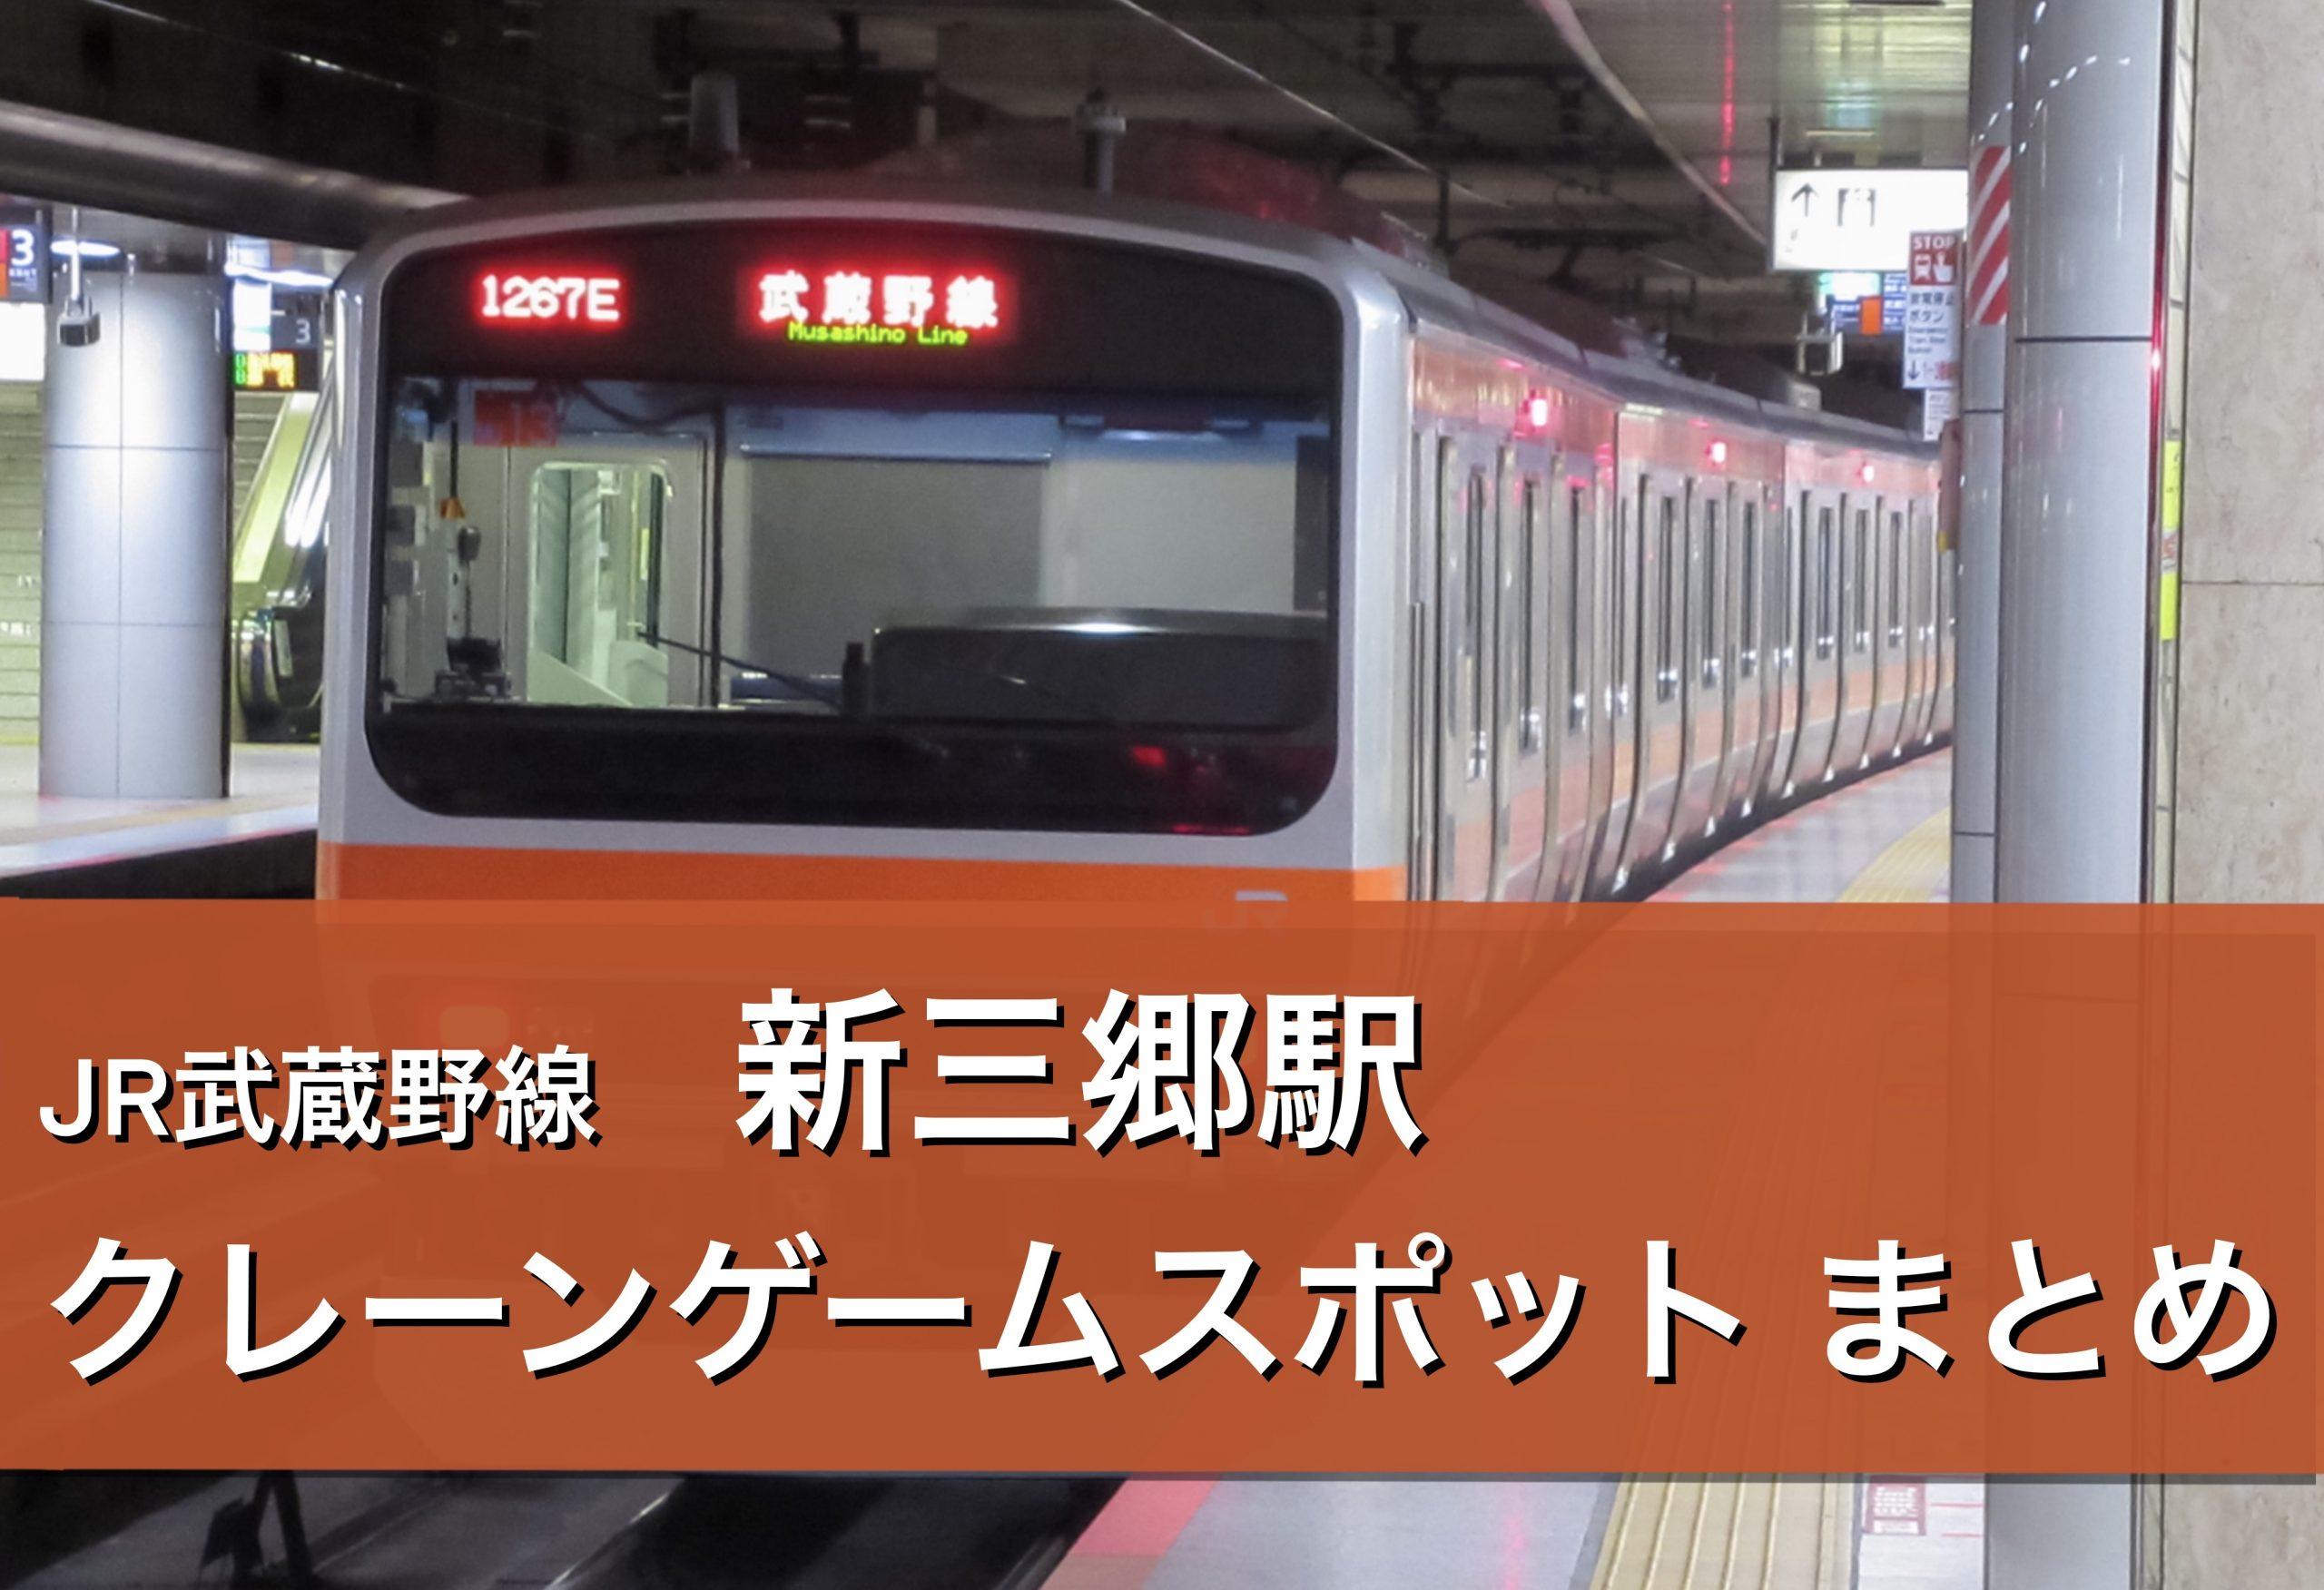 【新三郷駅】クレーンゲームができる場所